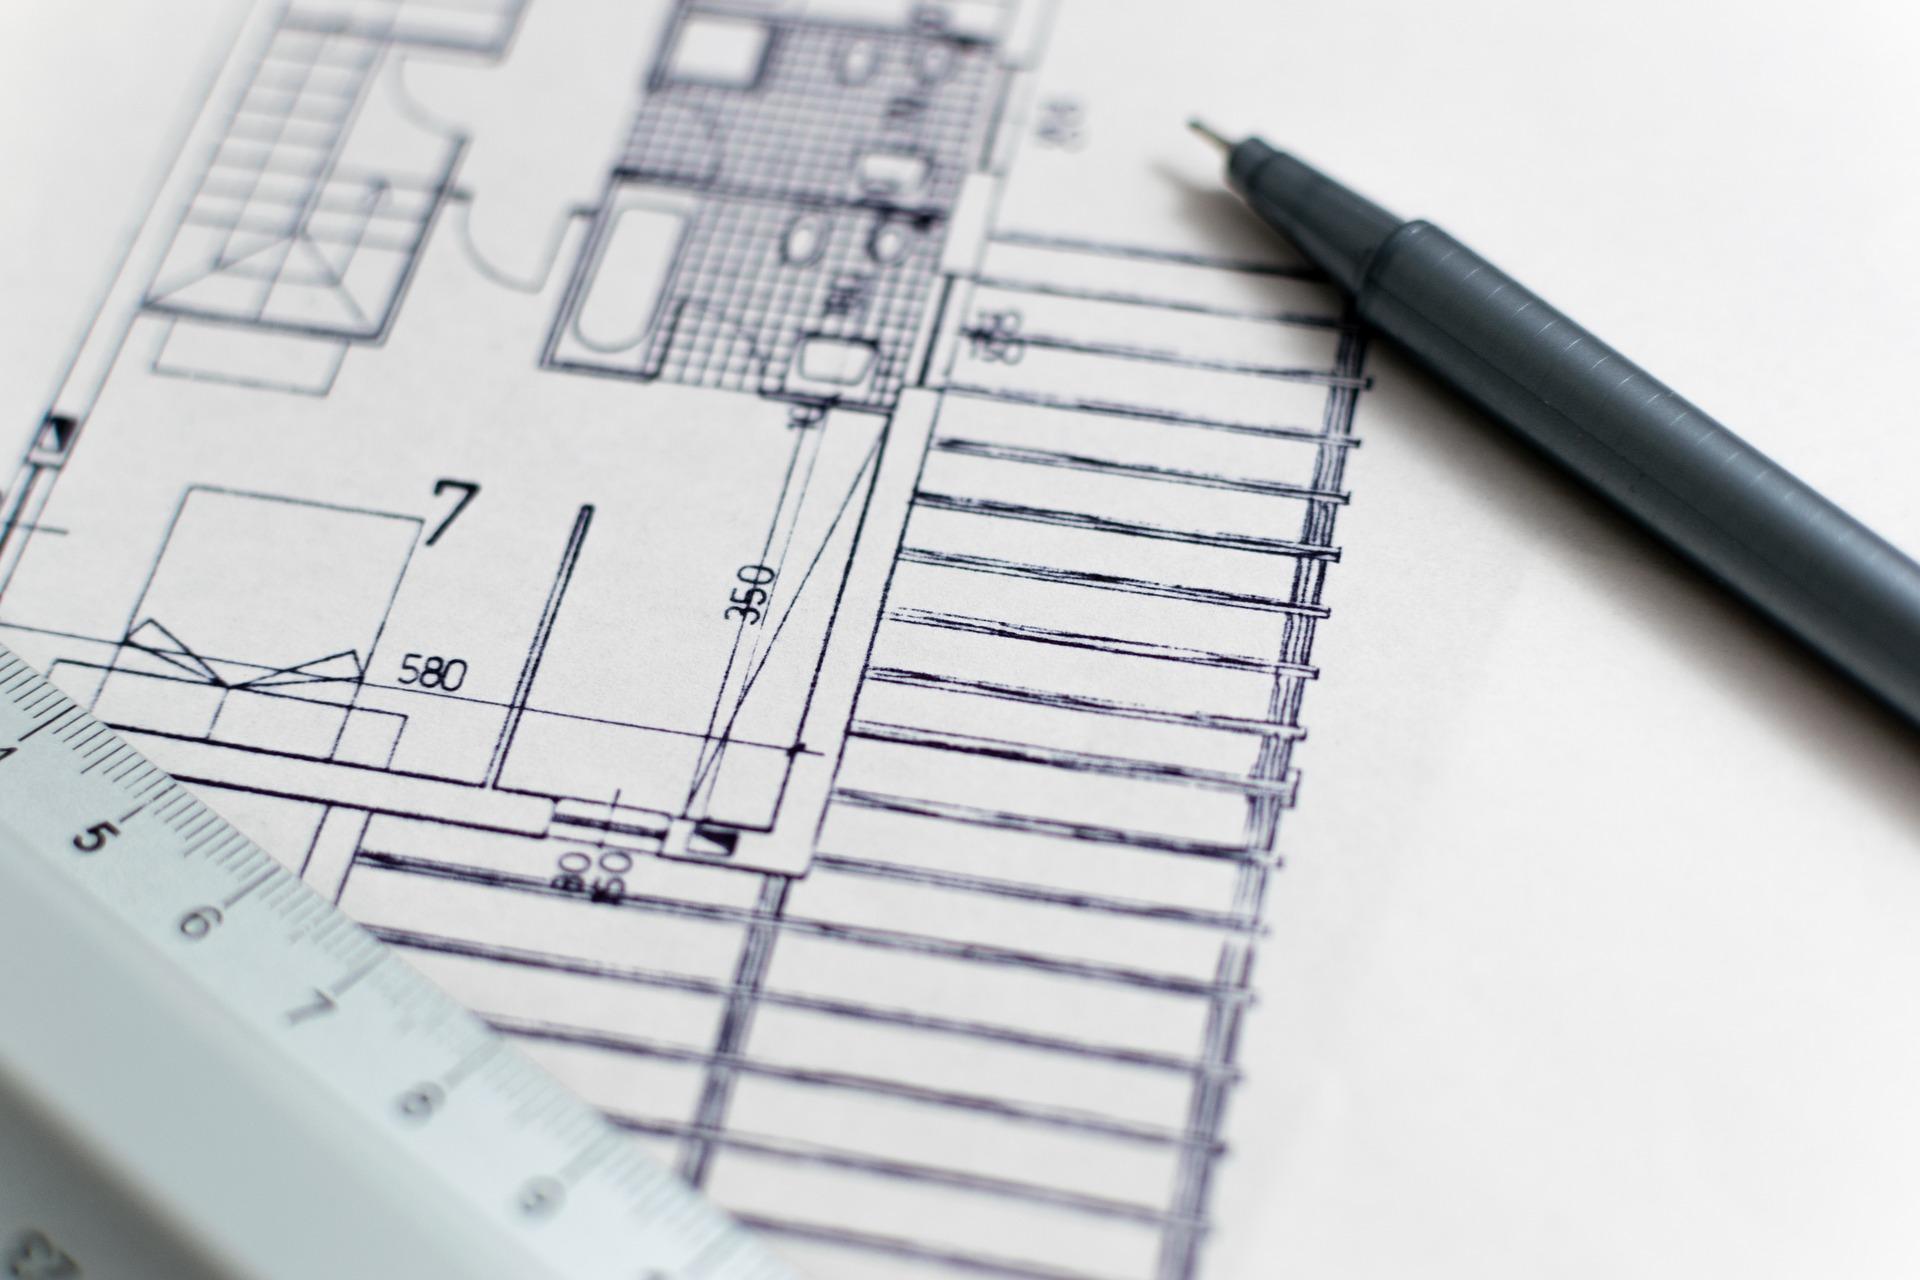 Comment réaliser un audit en technique du bâtiment ?